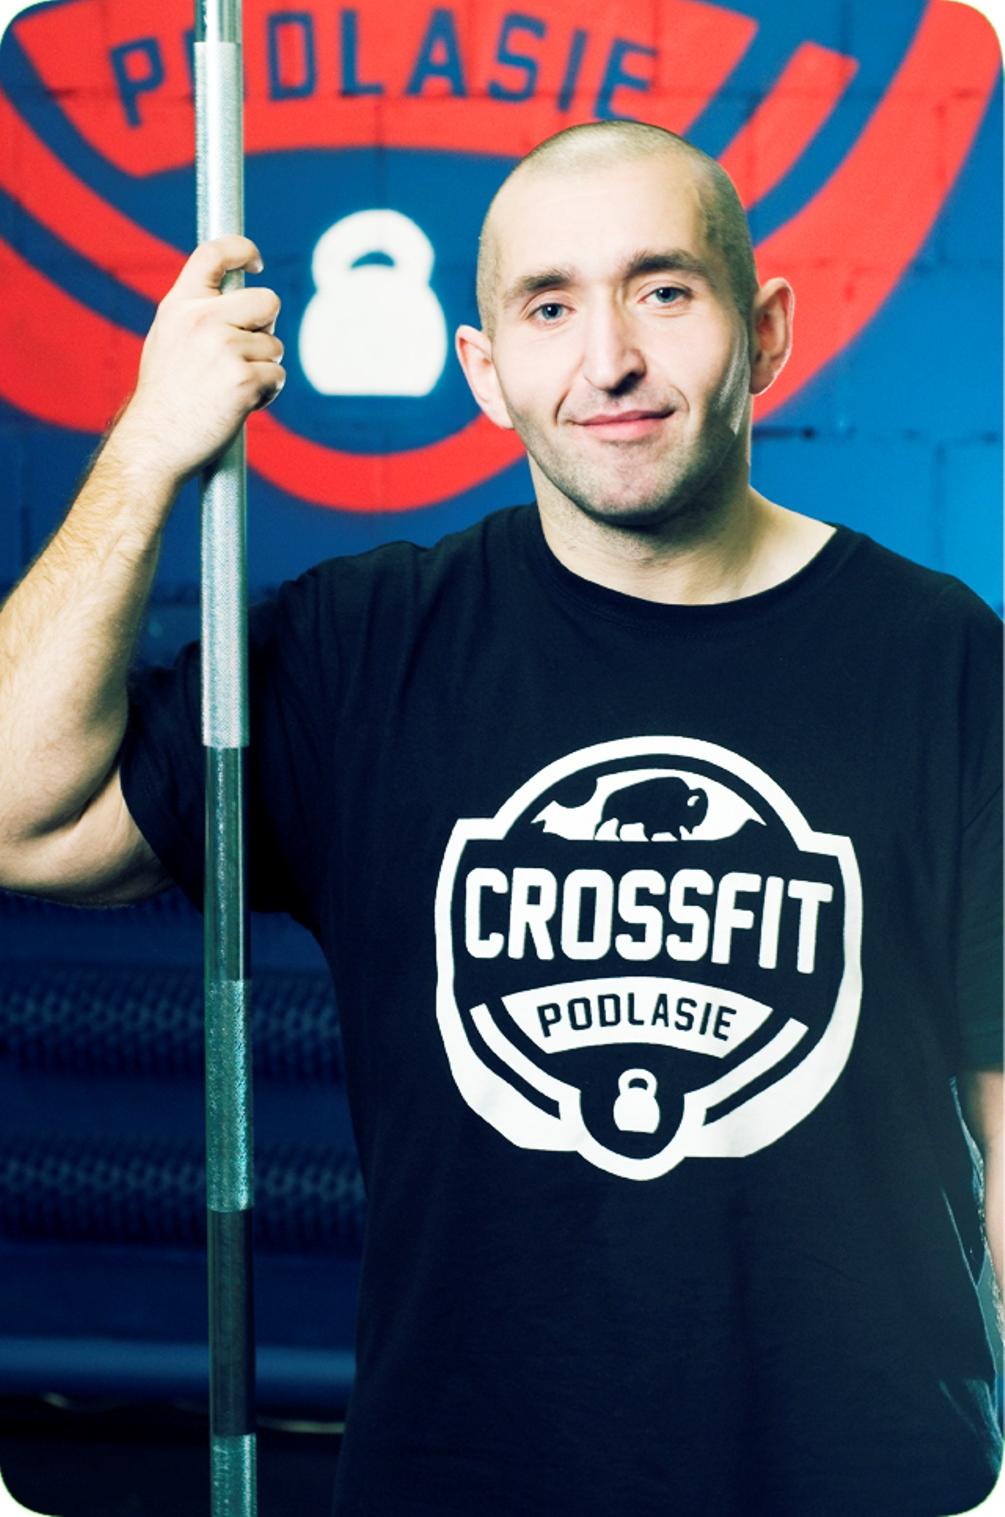 CrossFit-Podlasie-sztanga